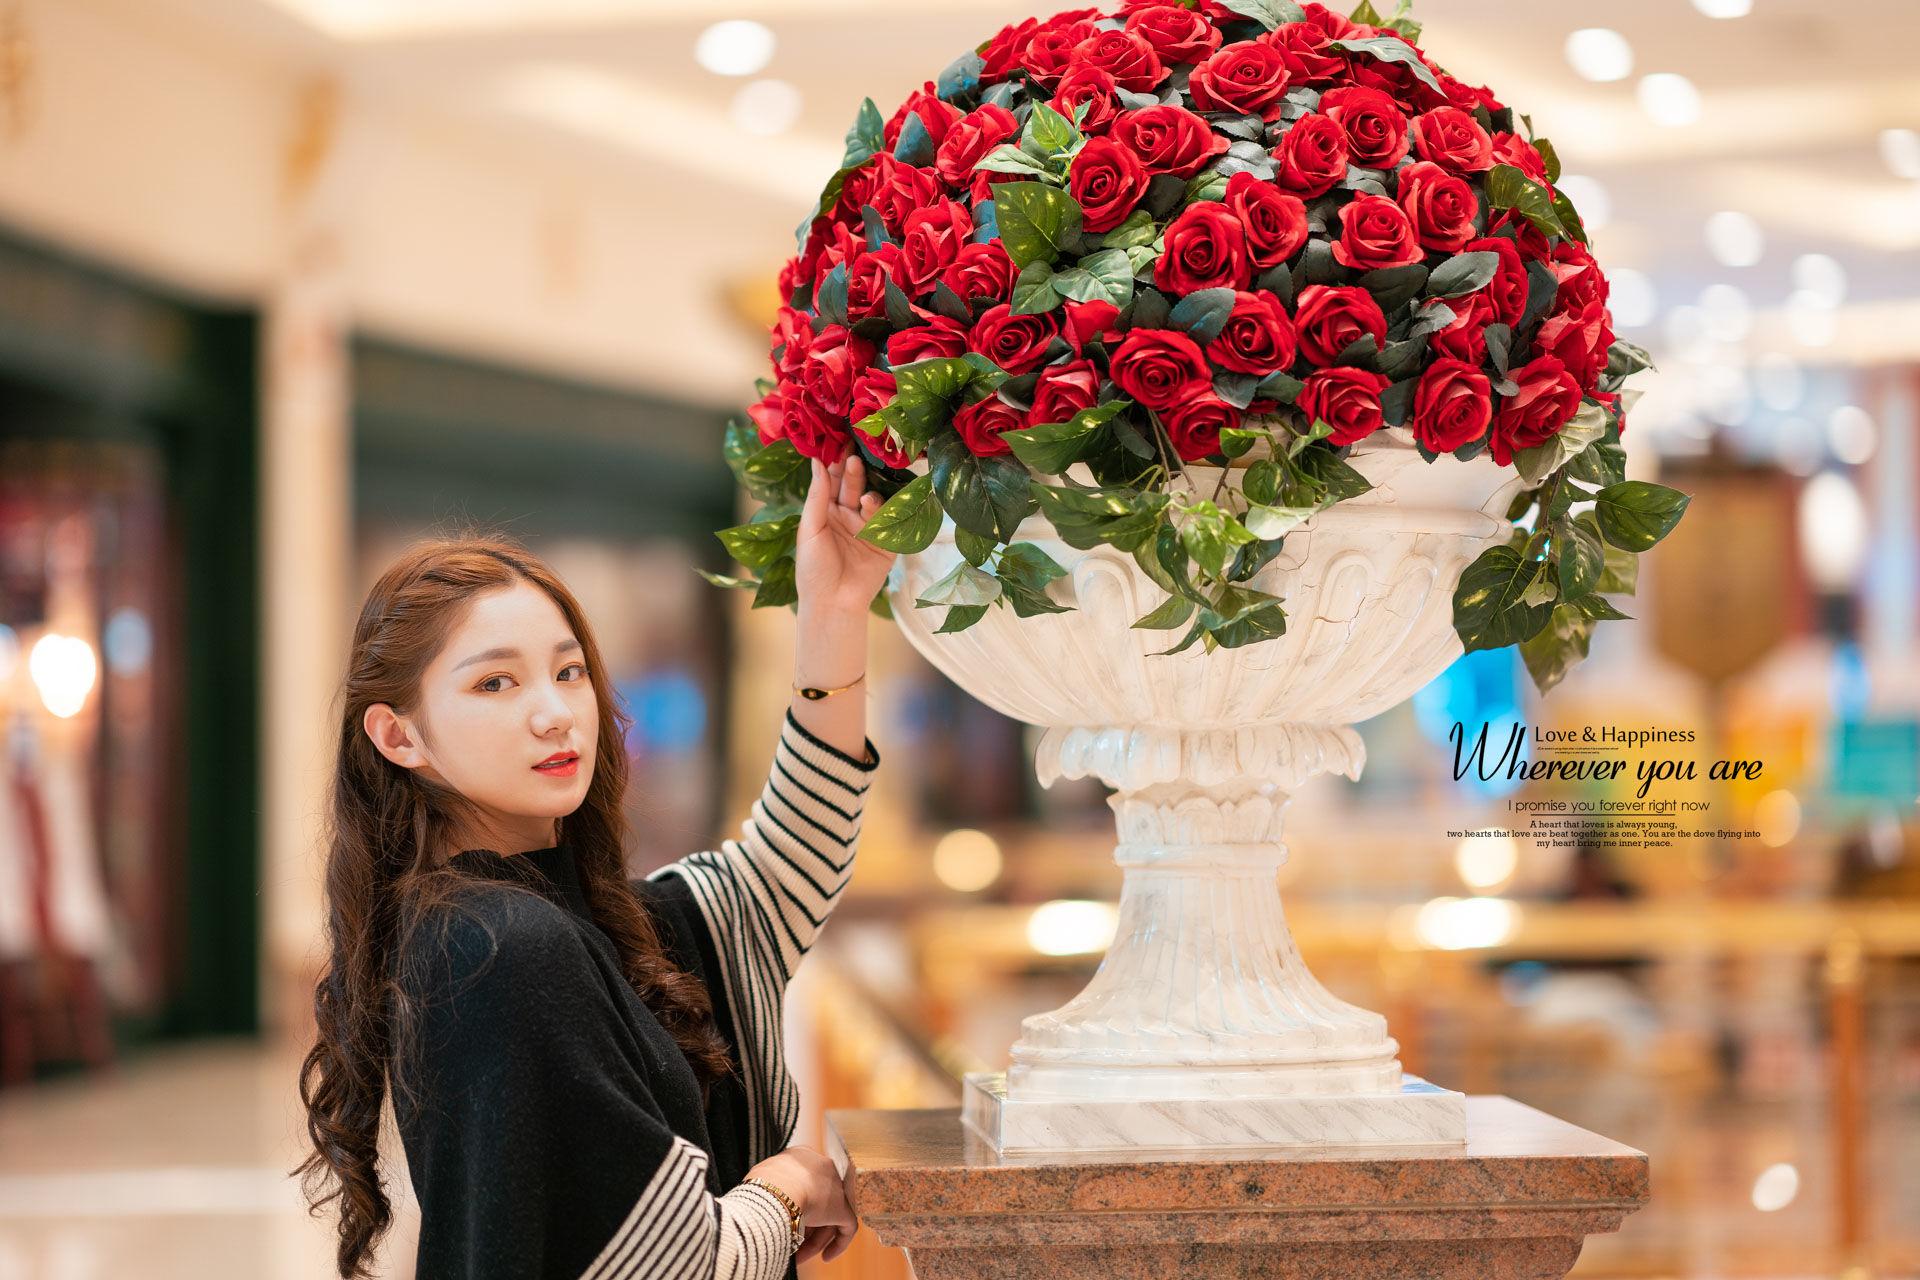 2019-01-11 环球港_摄影师晦恩的返片